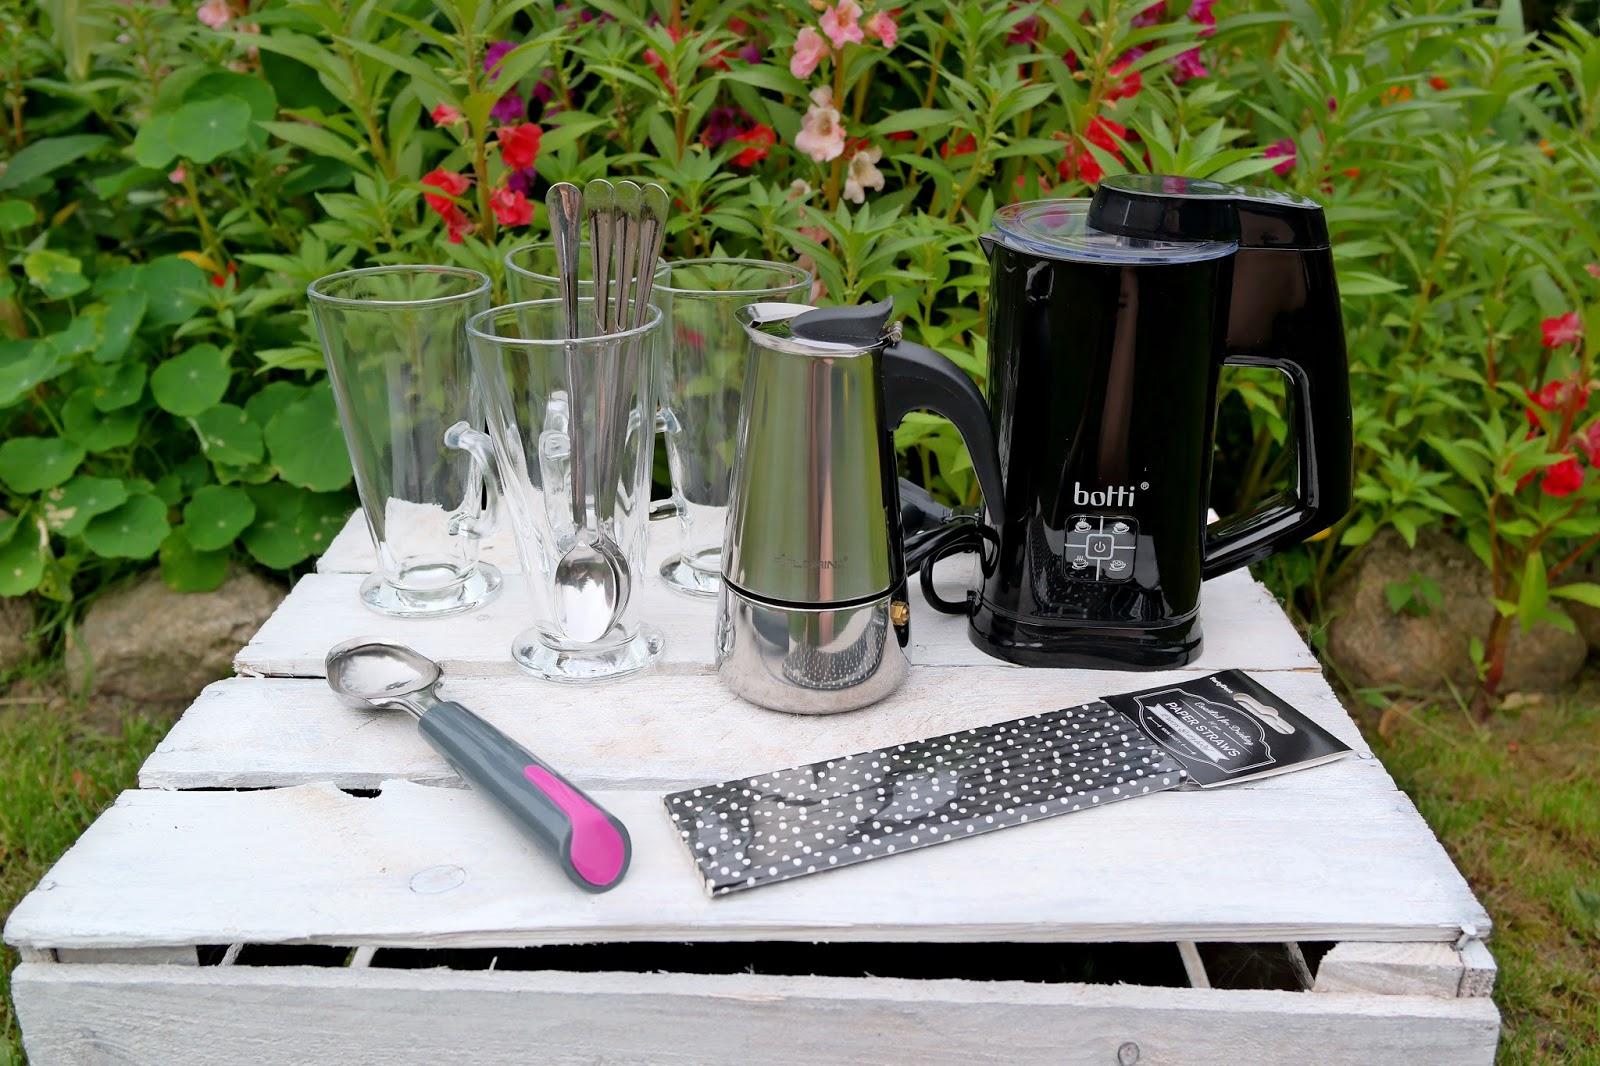 Akcesoria do przygotowania mrożonej kawy, dostępne w sklepie Garneczki